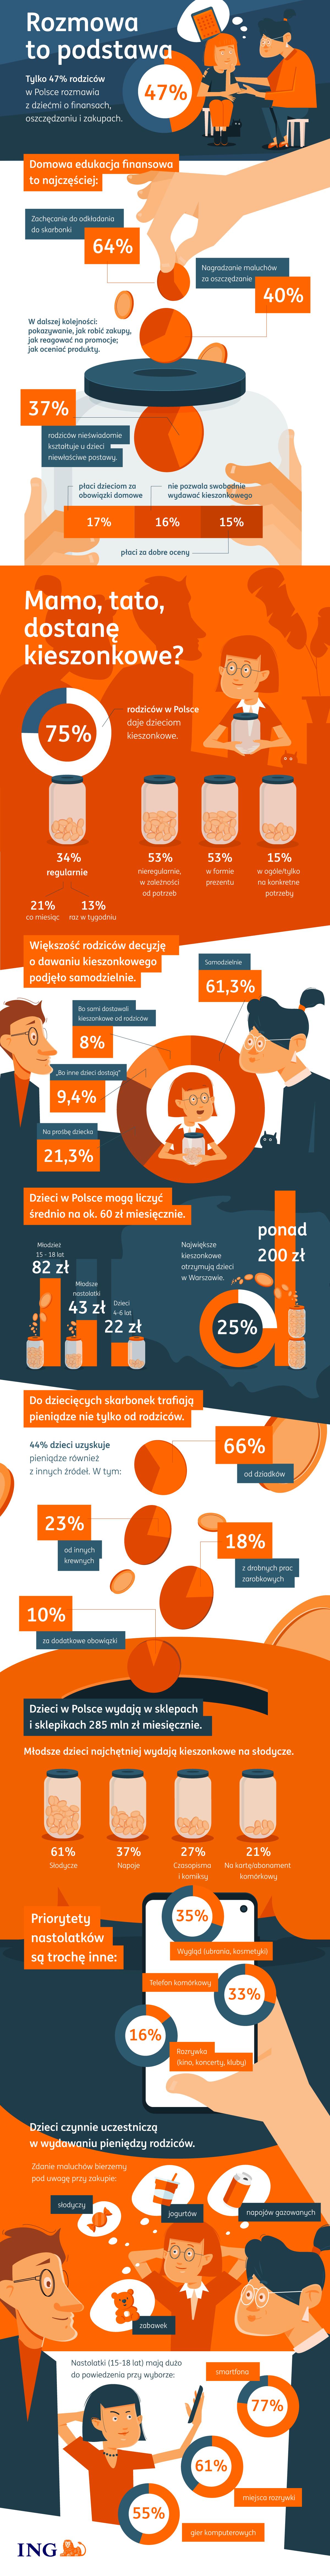 Dzieci_a pieniadze_ infografika.png